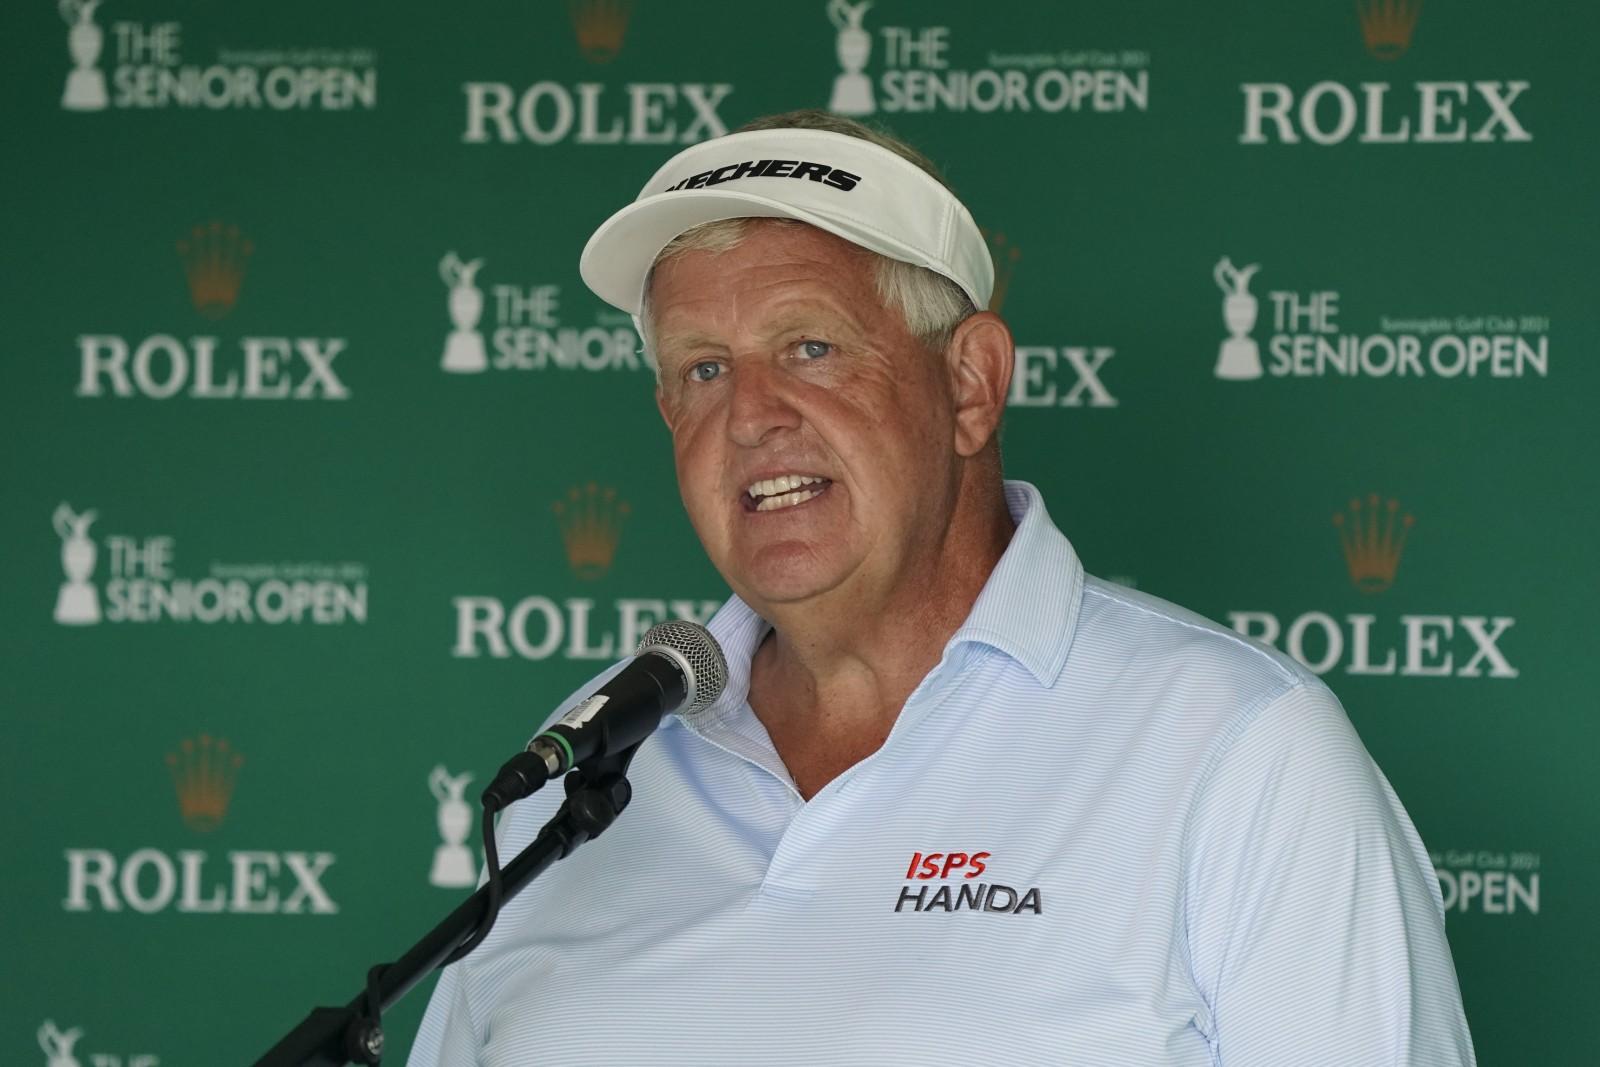 ENTREVISTA EXCLUSIVA CON COLIN MONTGOMERIE - Noticias de golf |  Revista de golf